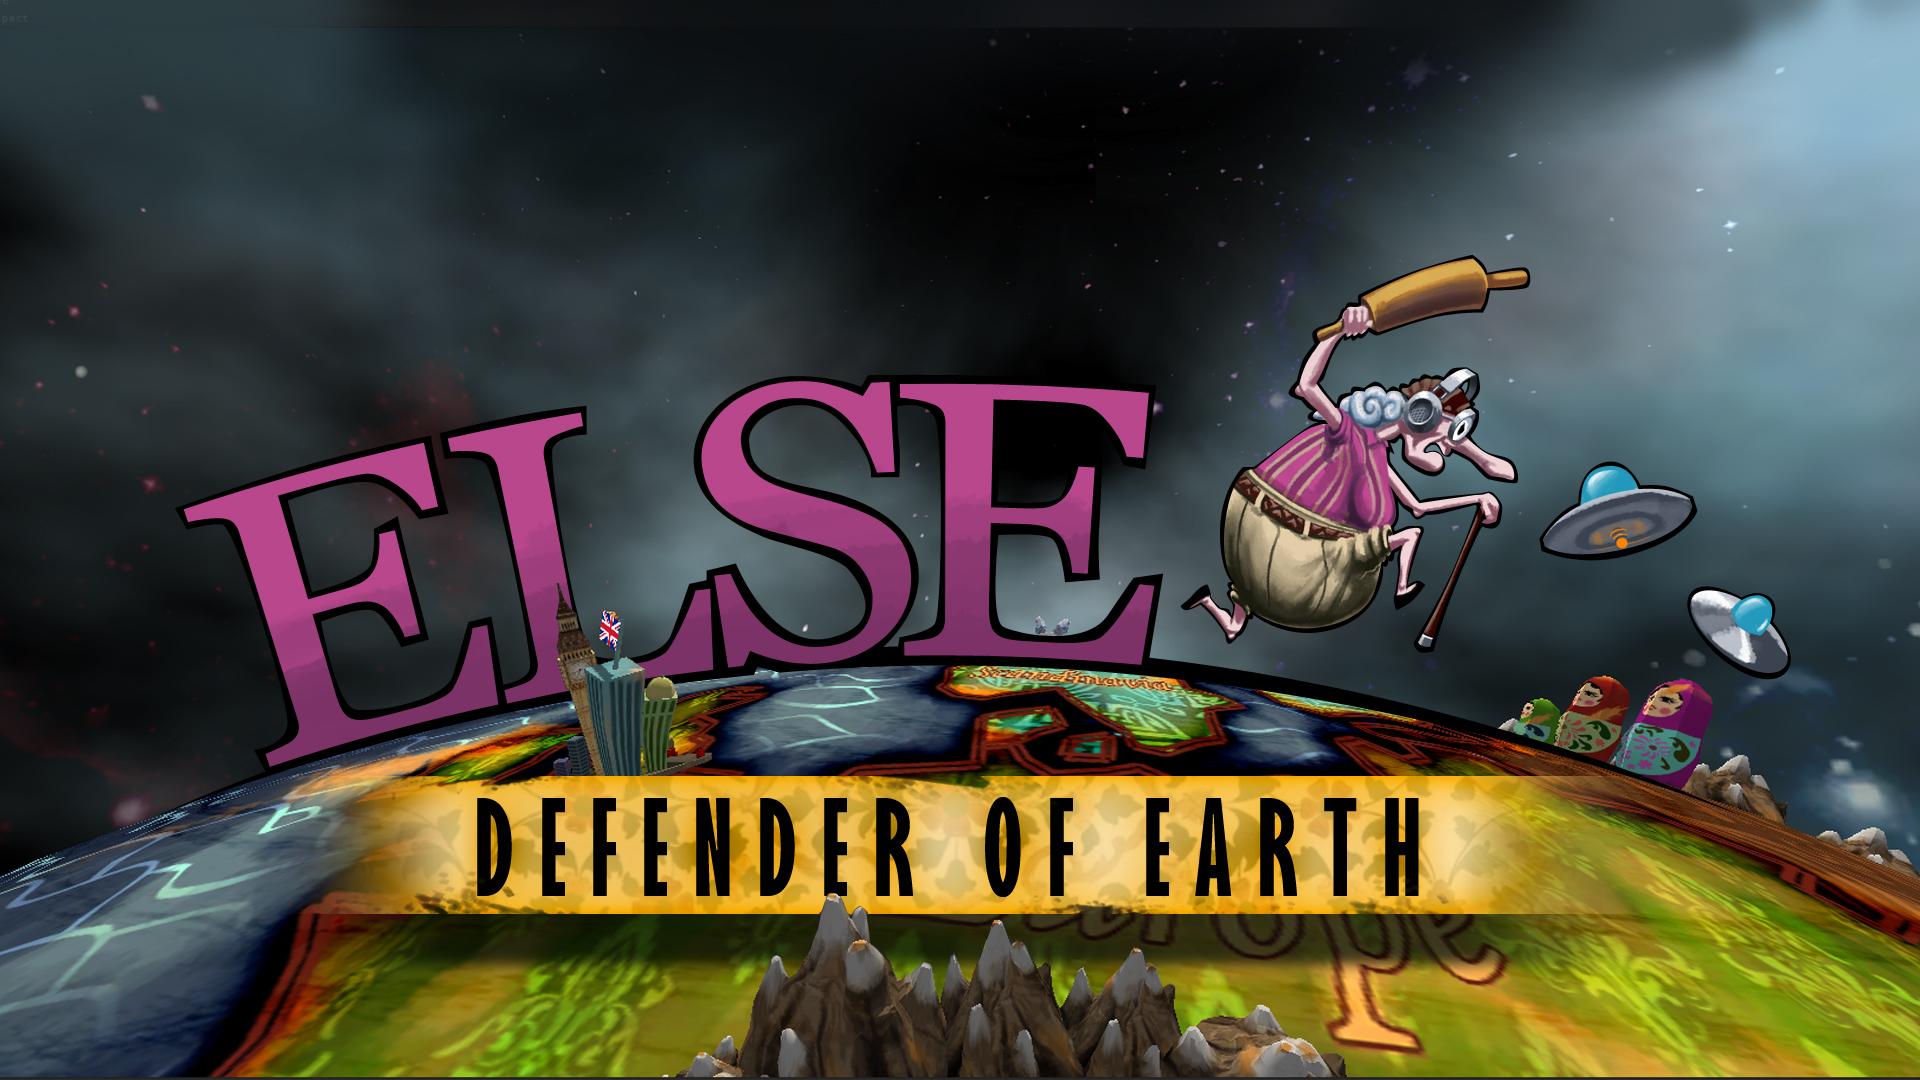 Else Defender of Earth Thumb DADIU 2011